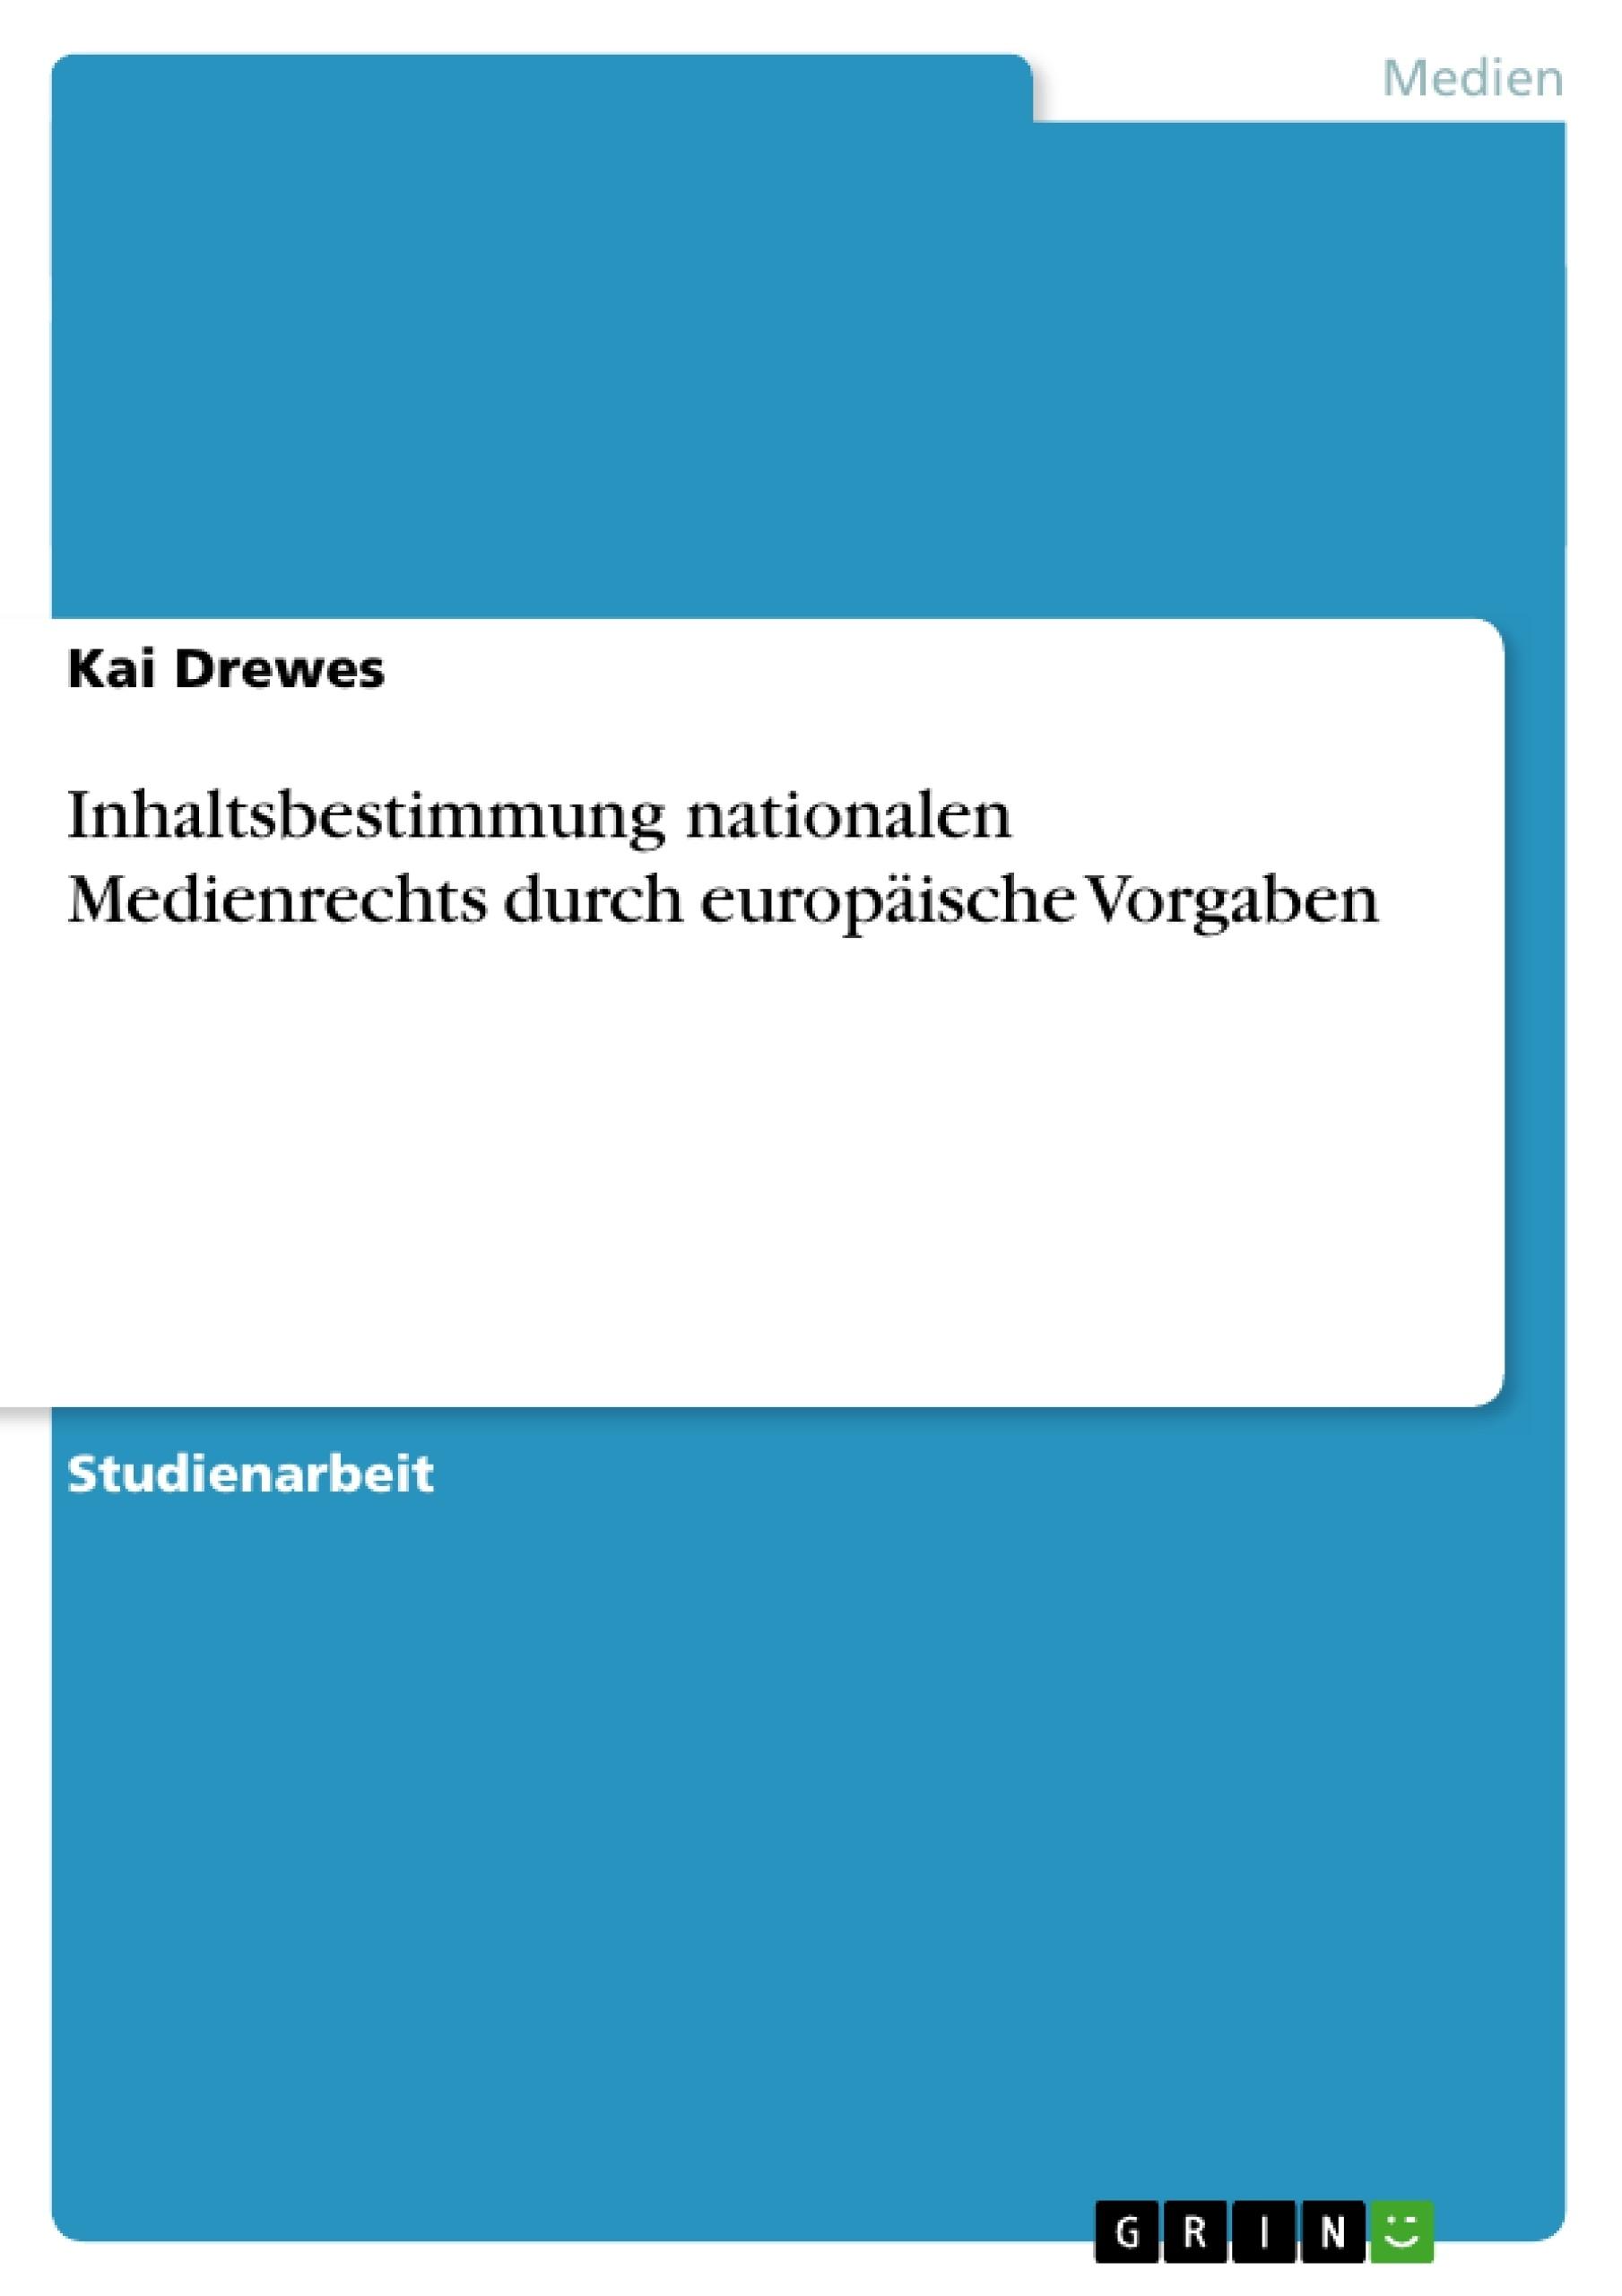 Titel: Inhaltsbestimmung nationalen Medienrechts durch europäische Vorgaben